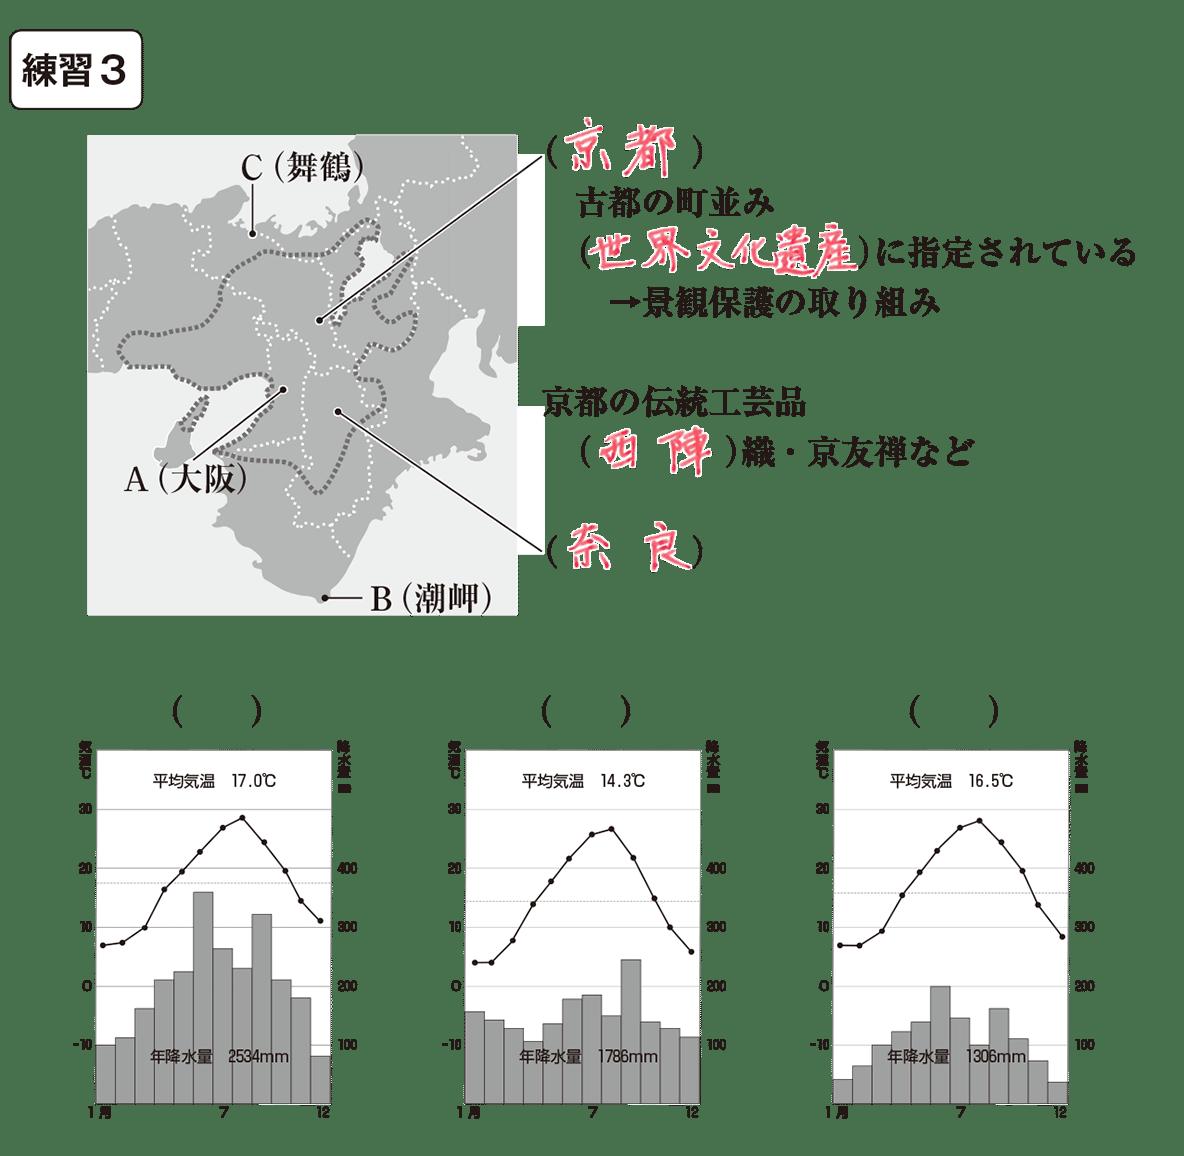 中学地理67 練習2,3(地図+解答欄+一番下の気候グラフ)練習2まで答え入り、気候グラフはカッコ空欄